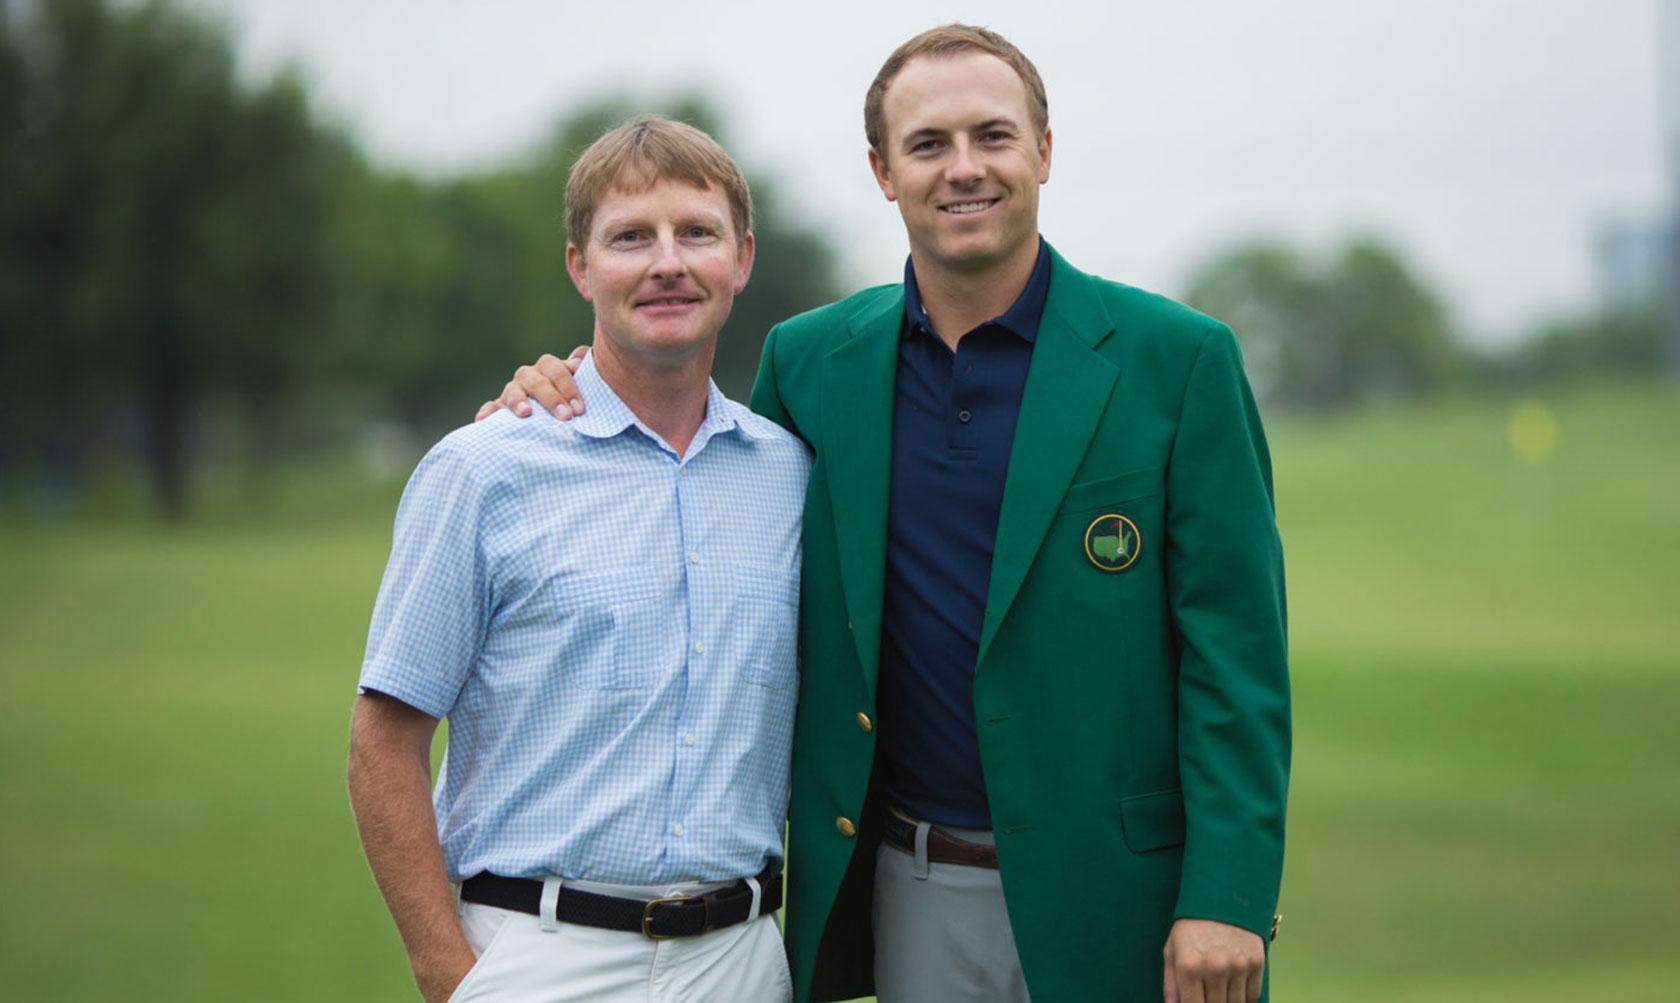 Jordan-Spieth-et-son-coach-altus-performence-paris-golf